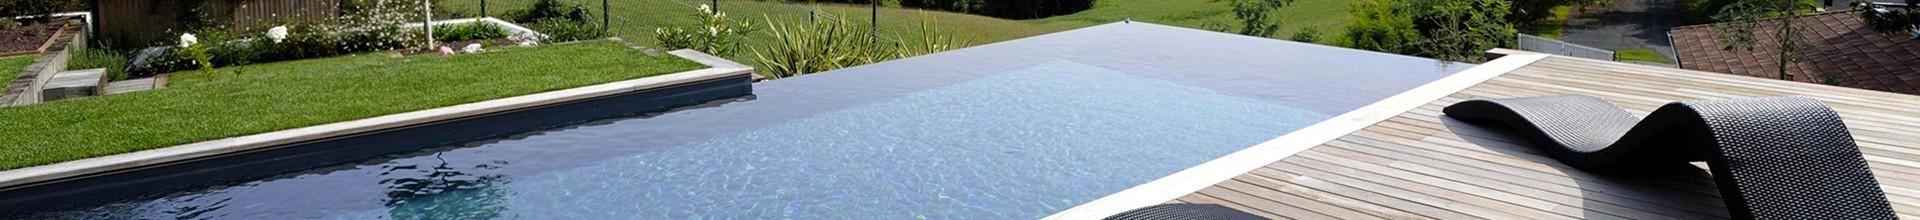 Direct usine, piscine coque prix Molenbeek-Jean